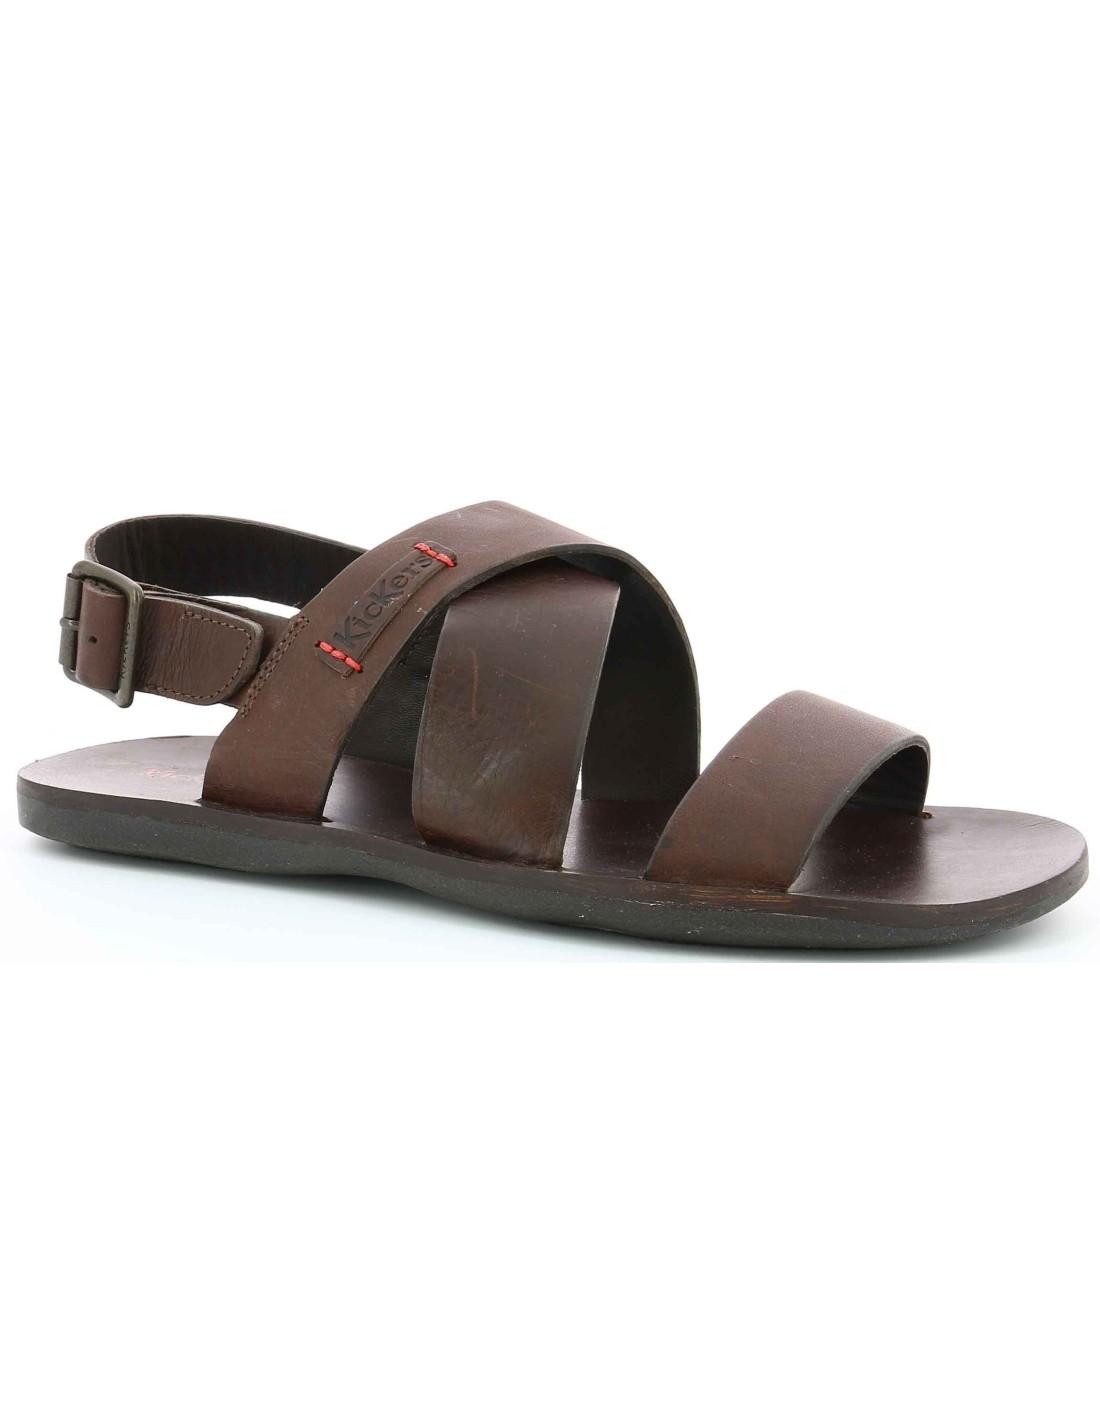 b27039c4064b3 zapato hombre